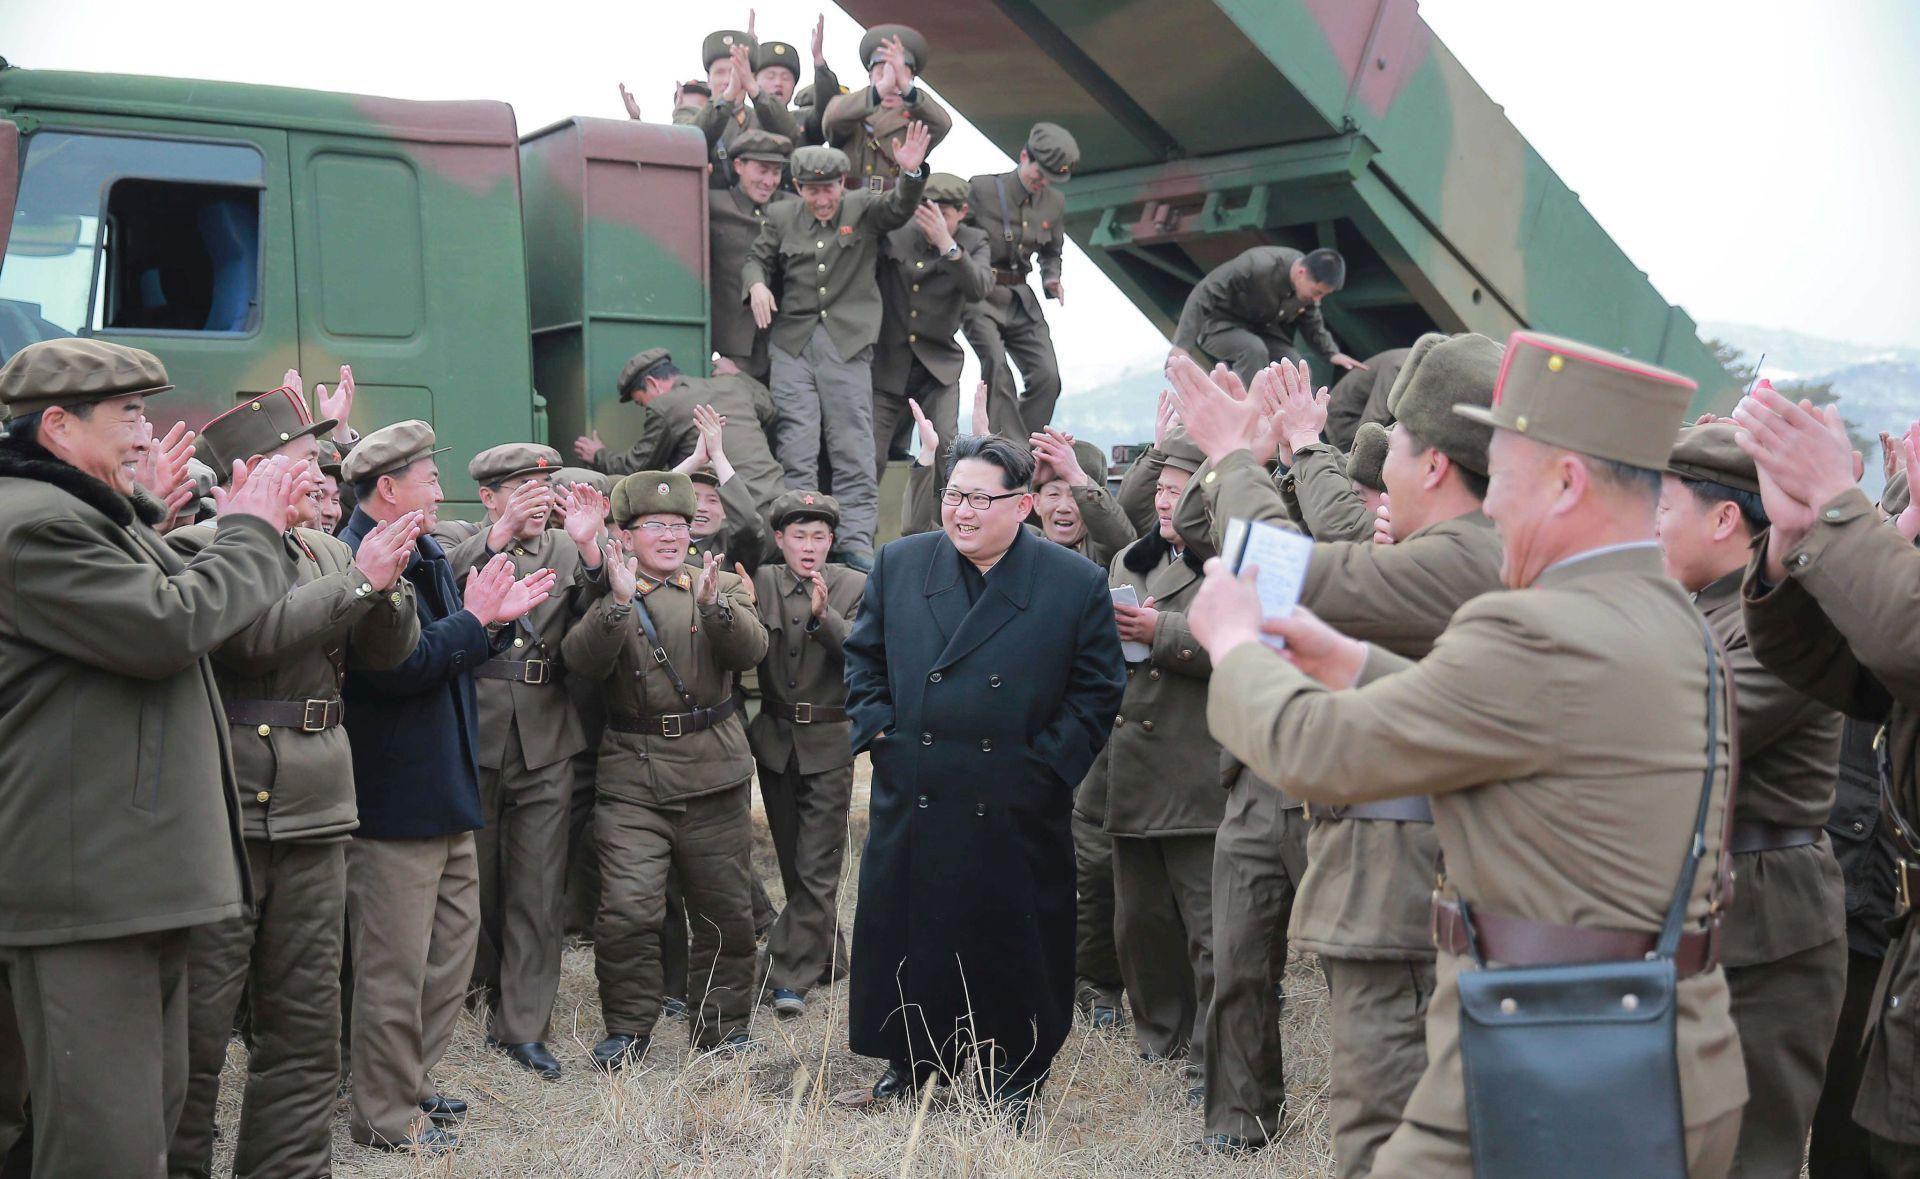 Sjeverna Koreja zaprijetila SAD-u i Južnoj Koreji nuklearnim udarima